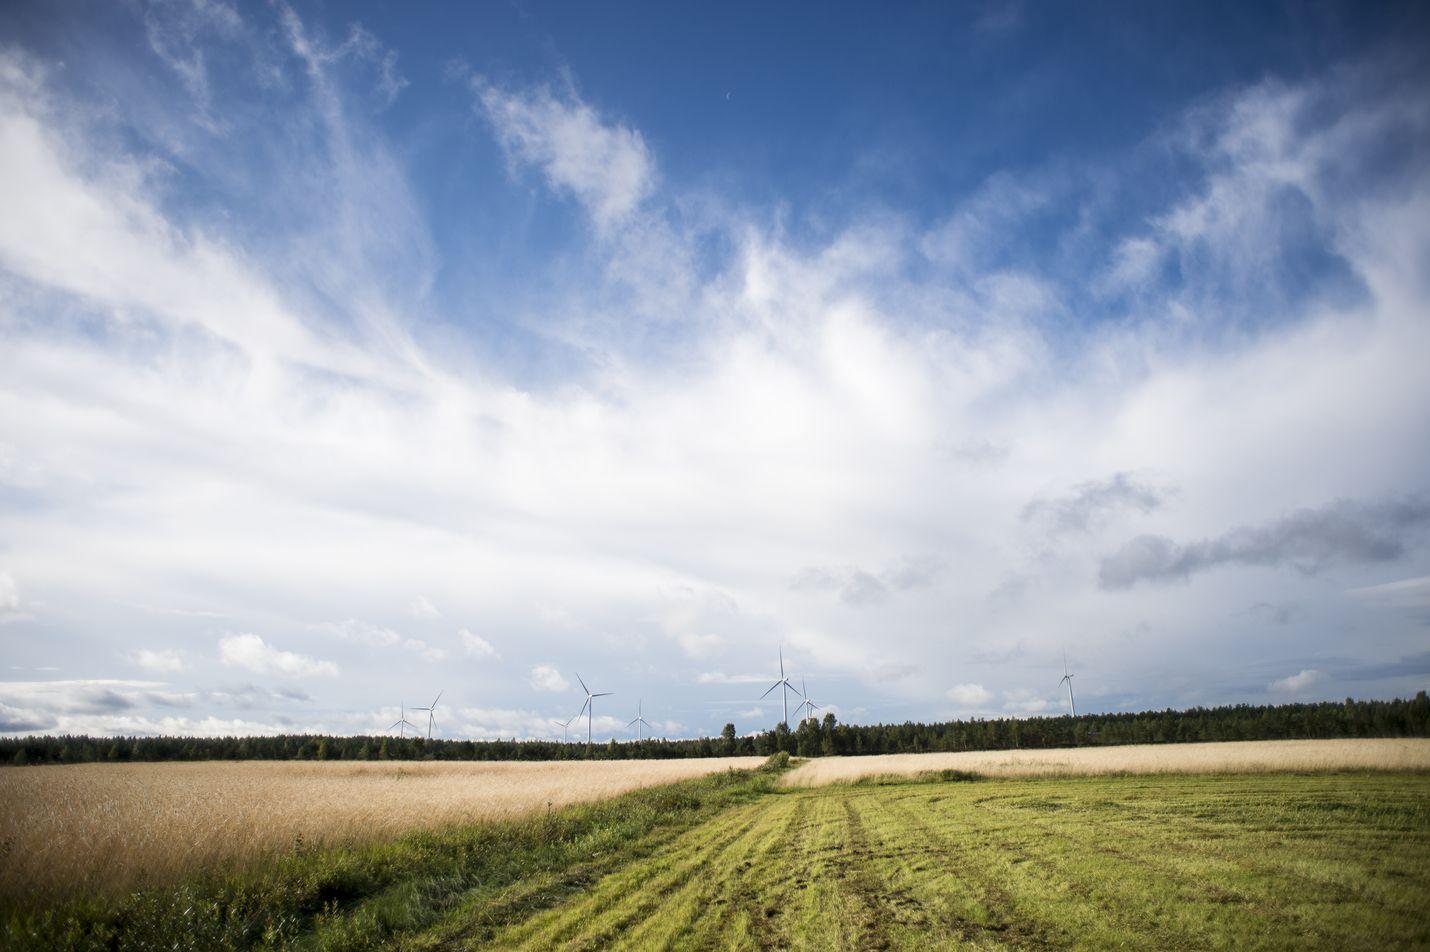 Päästöjen vähentämistä on pidetty maataloudessa erittäin vaikeana. Uudet laskelmat osoittavat, että mittavat leikkaukset ovat kuitenkin mahdollisia.